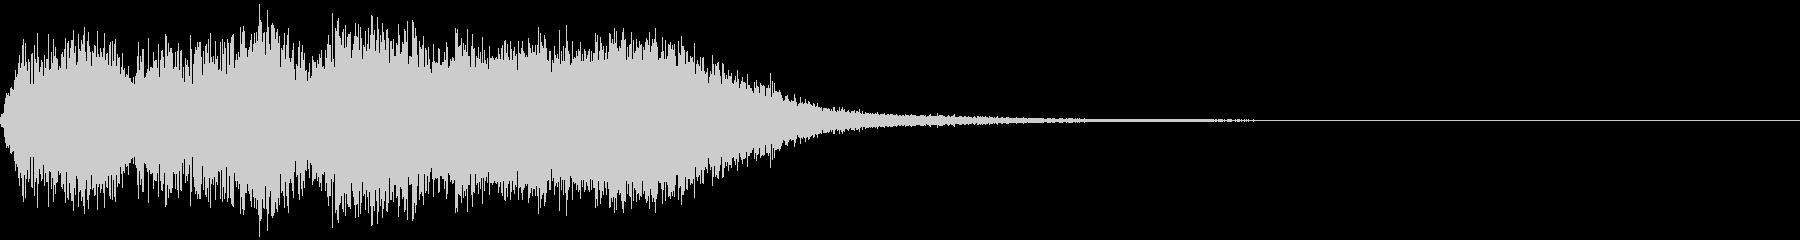 【ダーク・ホラー】アトモスフィア_05の未再生の波形